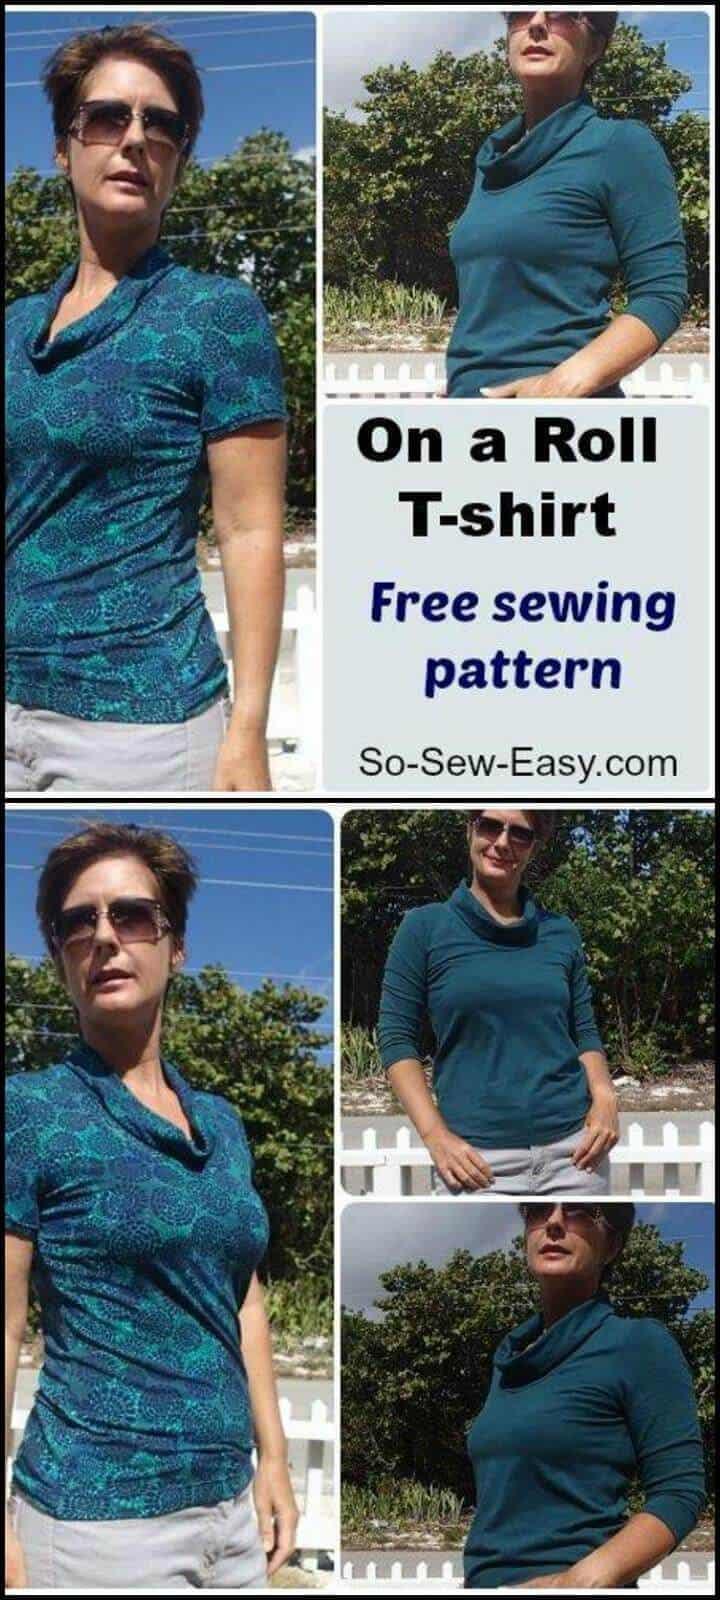 elegante en un rollo de camiseta patrón de costura gratis